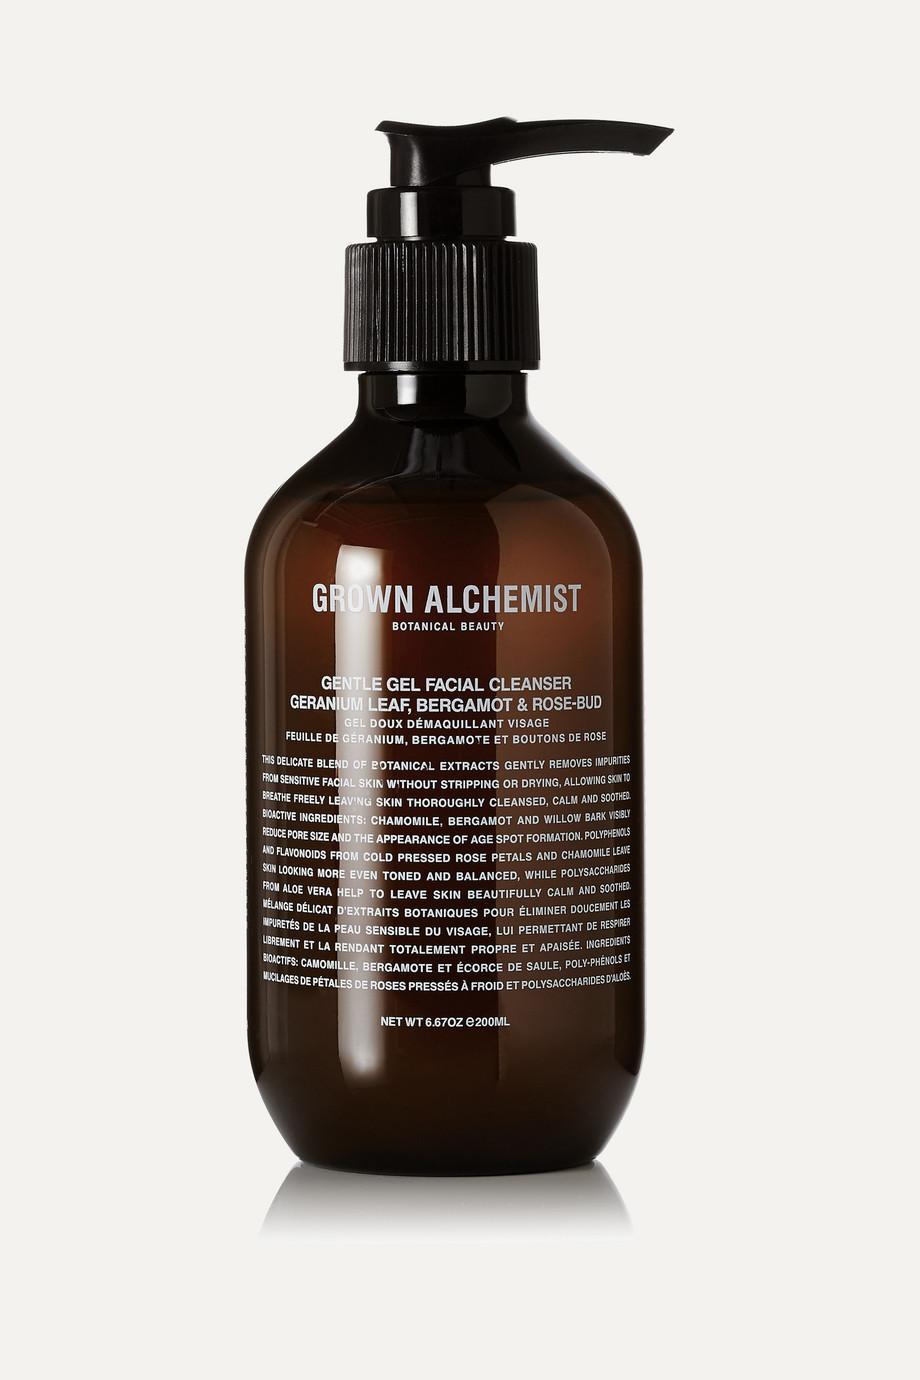 Grown Alchemist Gentle Gel Facial Cleanser, 200 ml – Reinigungsgel